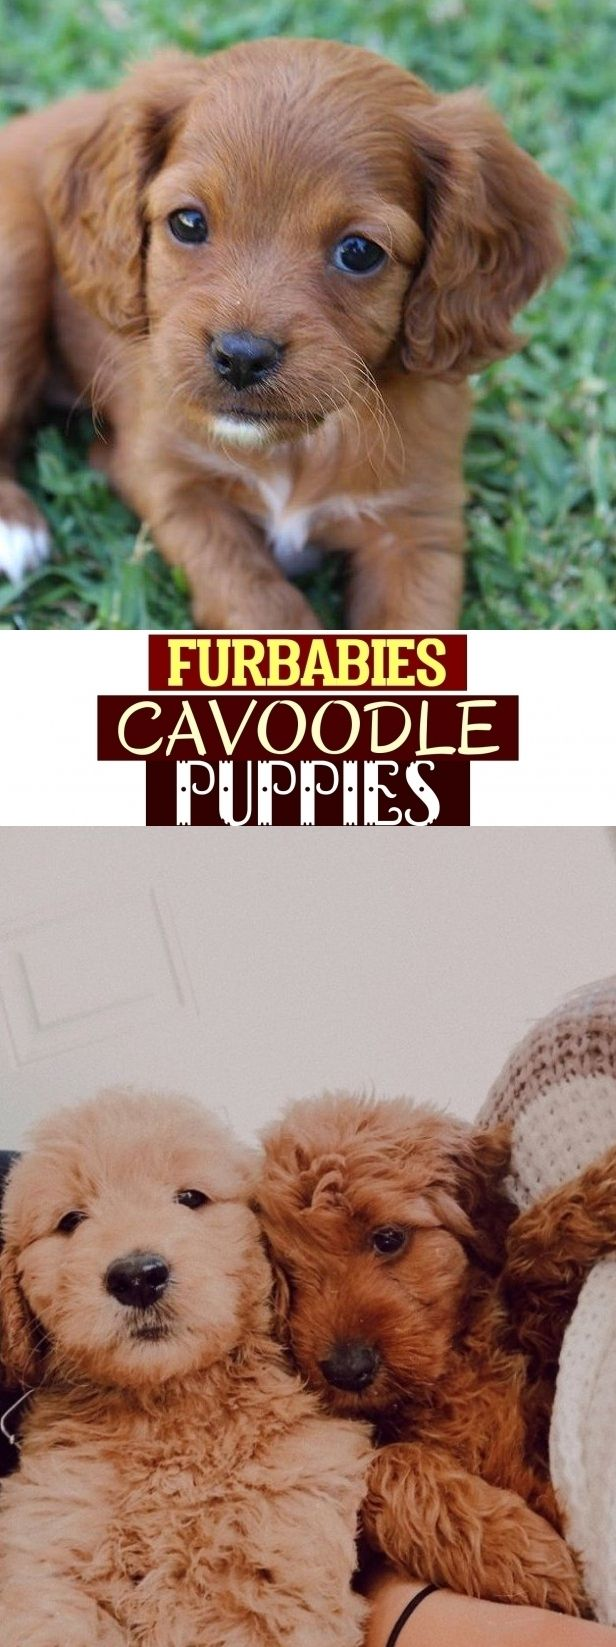 Furbabies Cavoodle Puppies Furbabies Cavoodle Welpen Puppies Pets Fur Babies